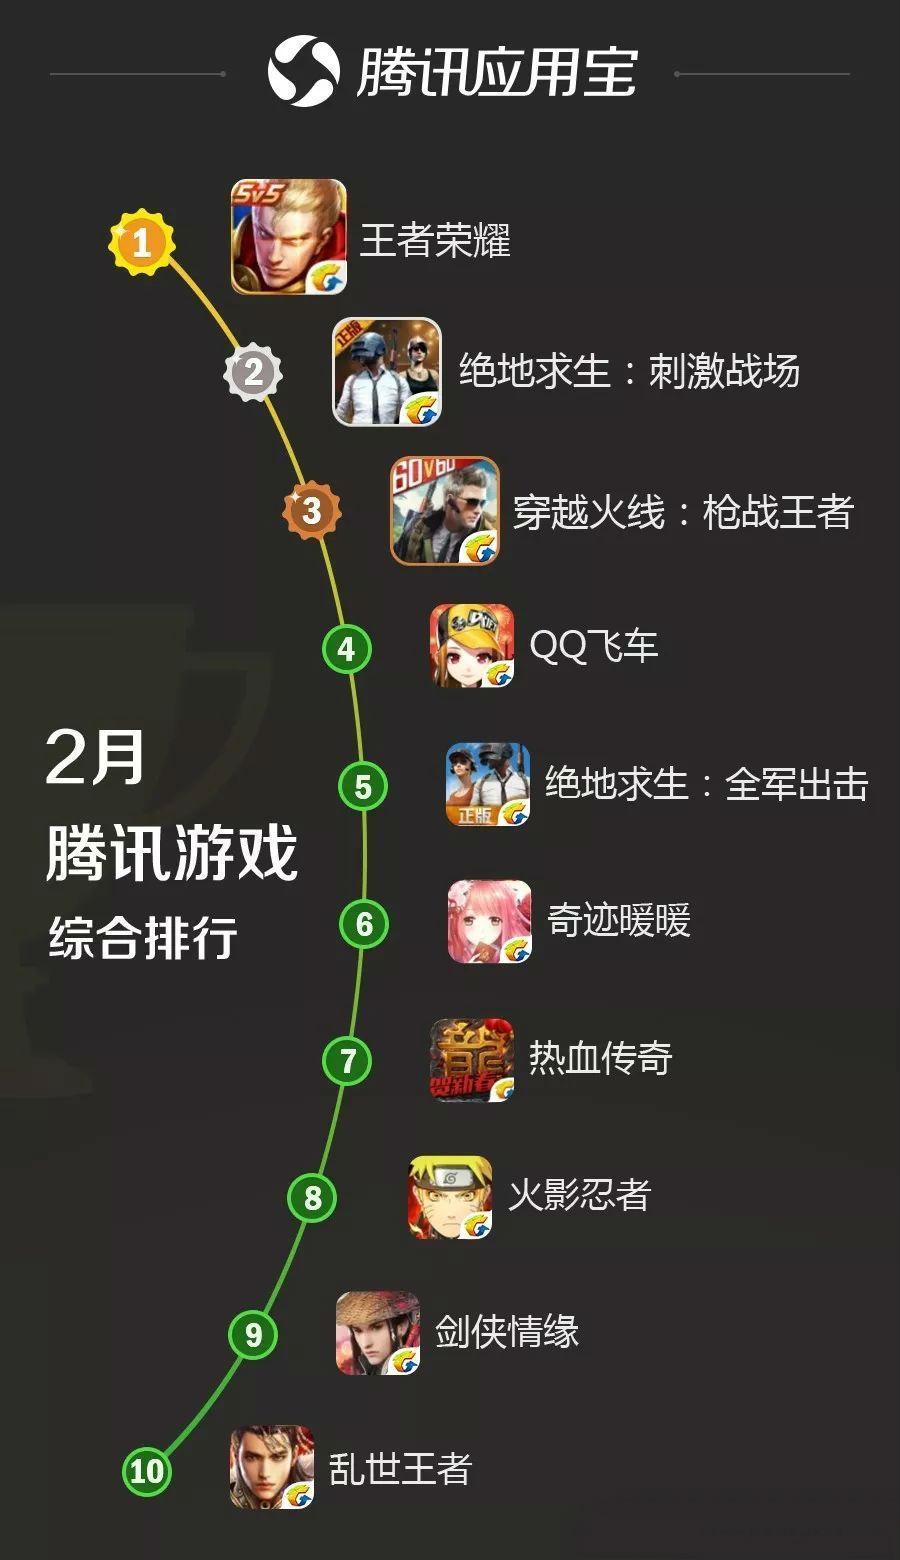 《王者荣耀》重回榜首,腾讯游戏《绝地求生》双游表现亮眼